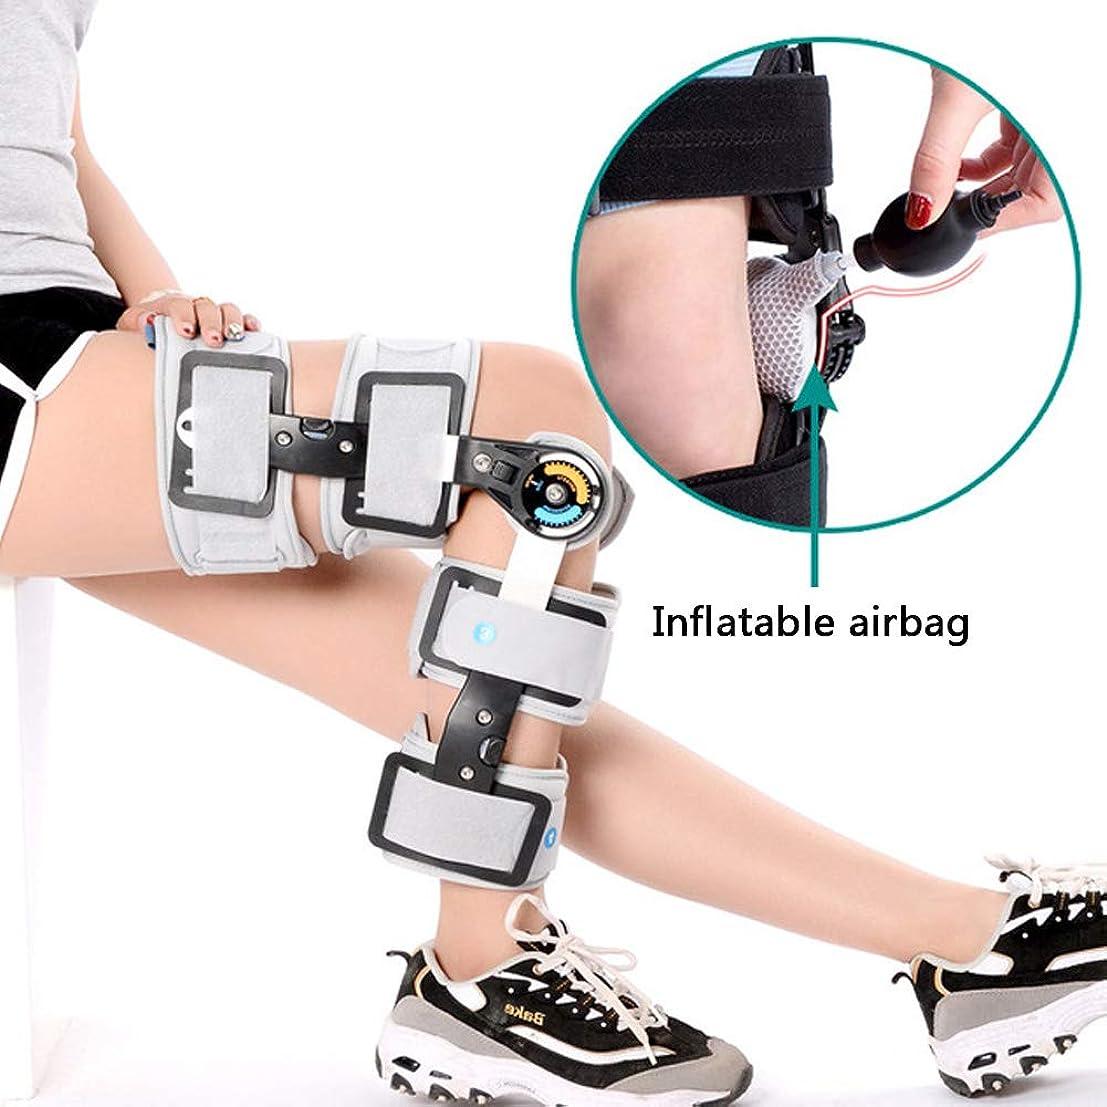 膨張する平らな危機膝関節サポート、調節可能な整形外科靭帯半月板骨折、下肢外科リハビリテーション